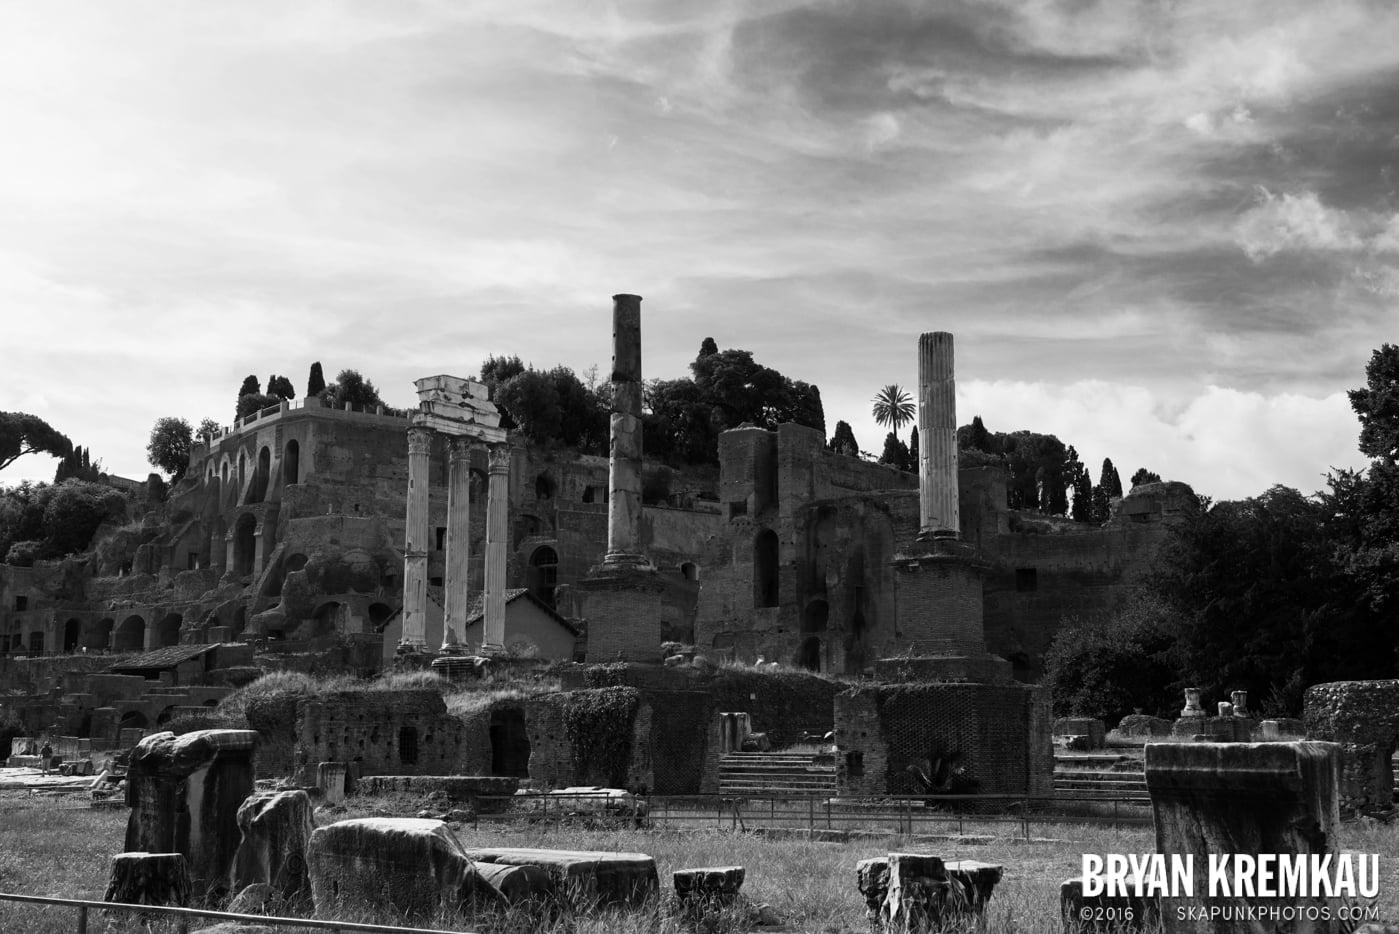 Italy Vacation - Day 2: Rome - 9.10.13 (116)